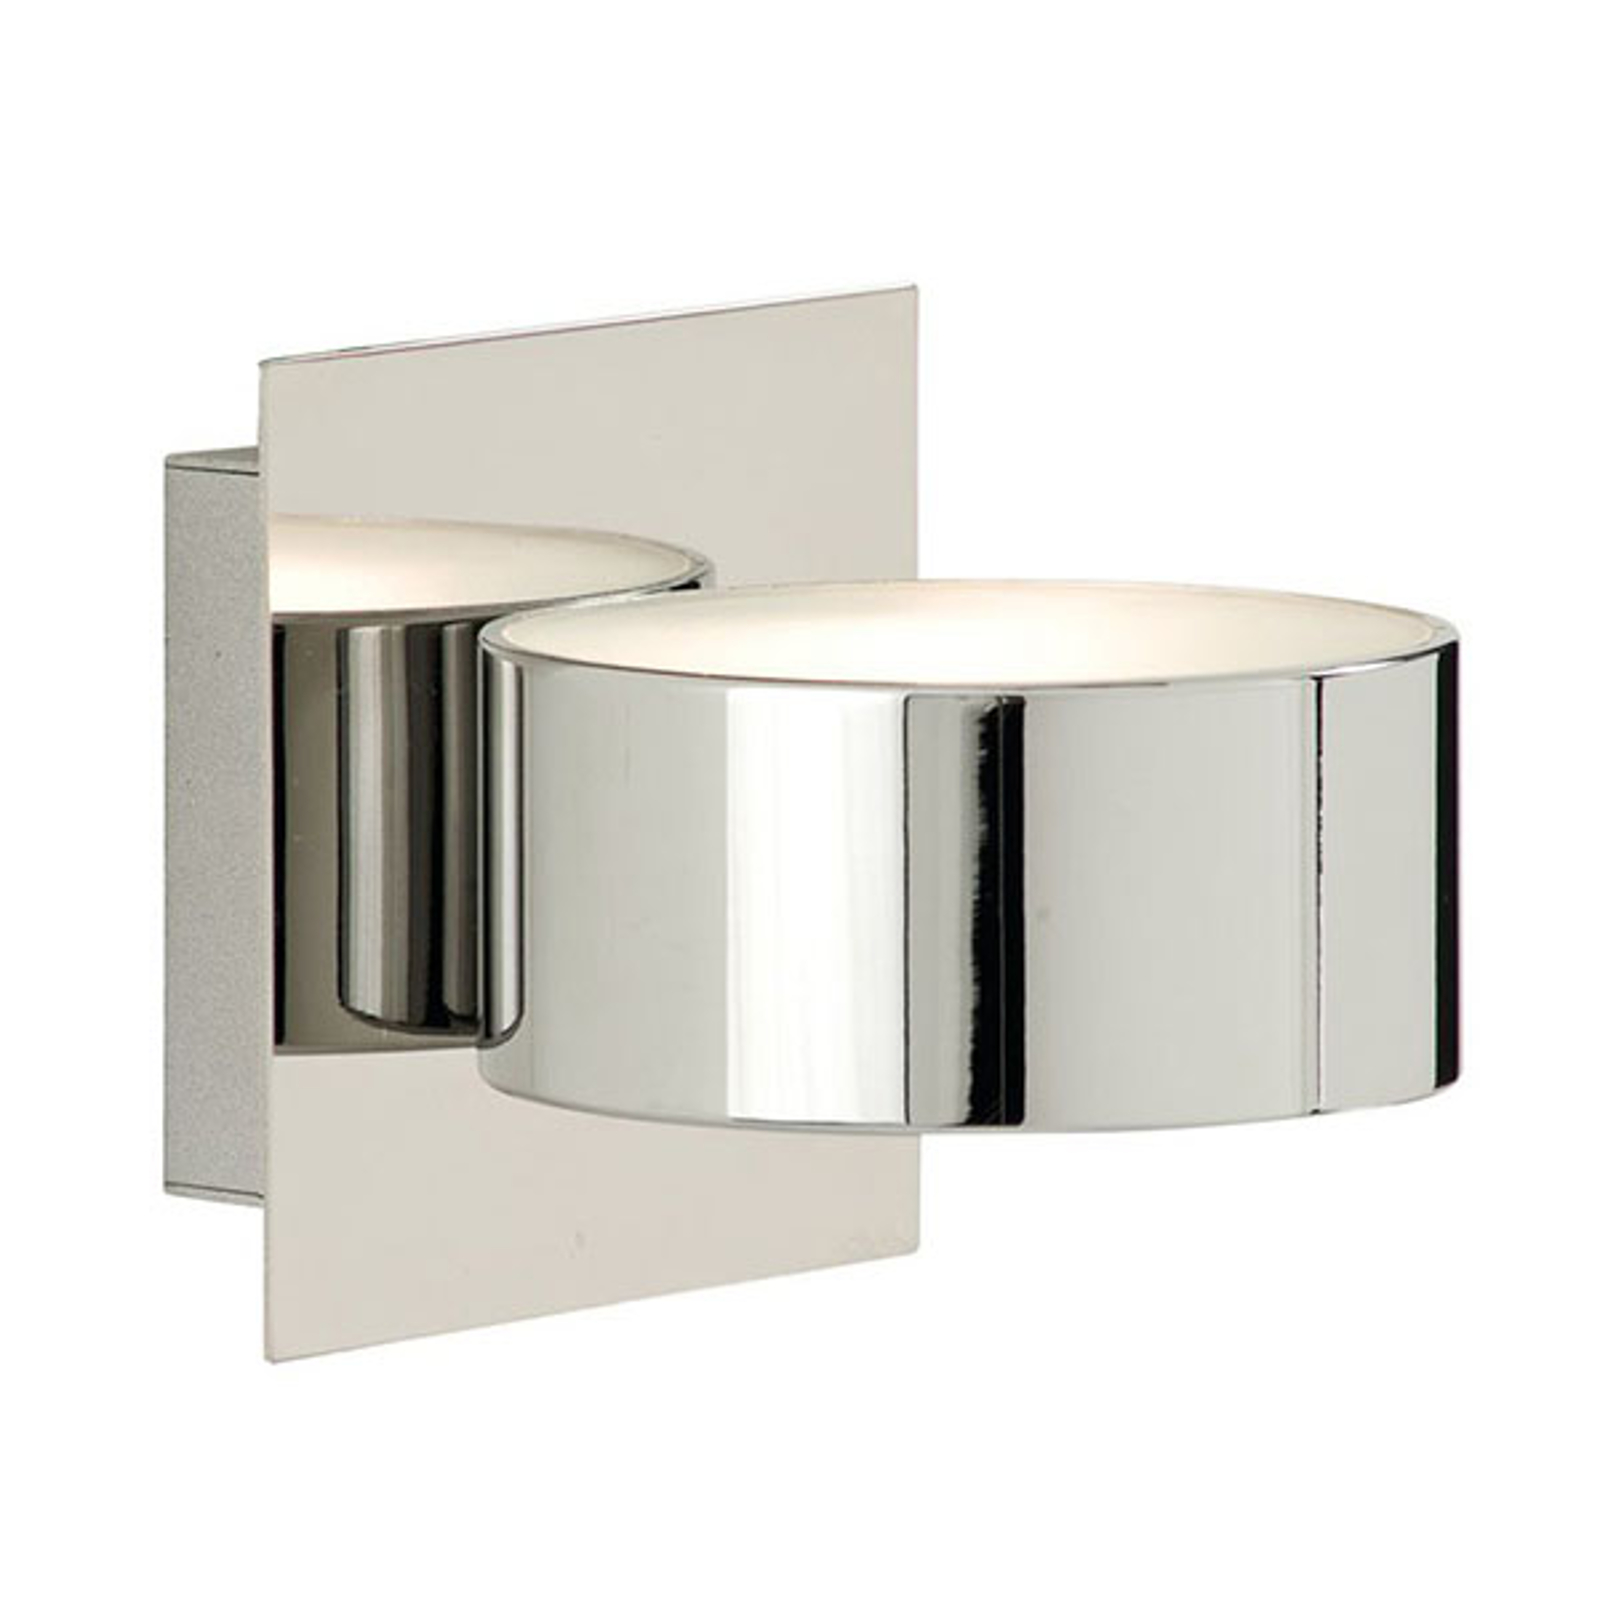 Wandlamp Wall 2691 in chroom met glazen diffusor